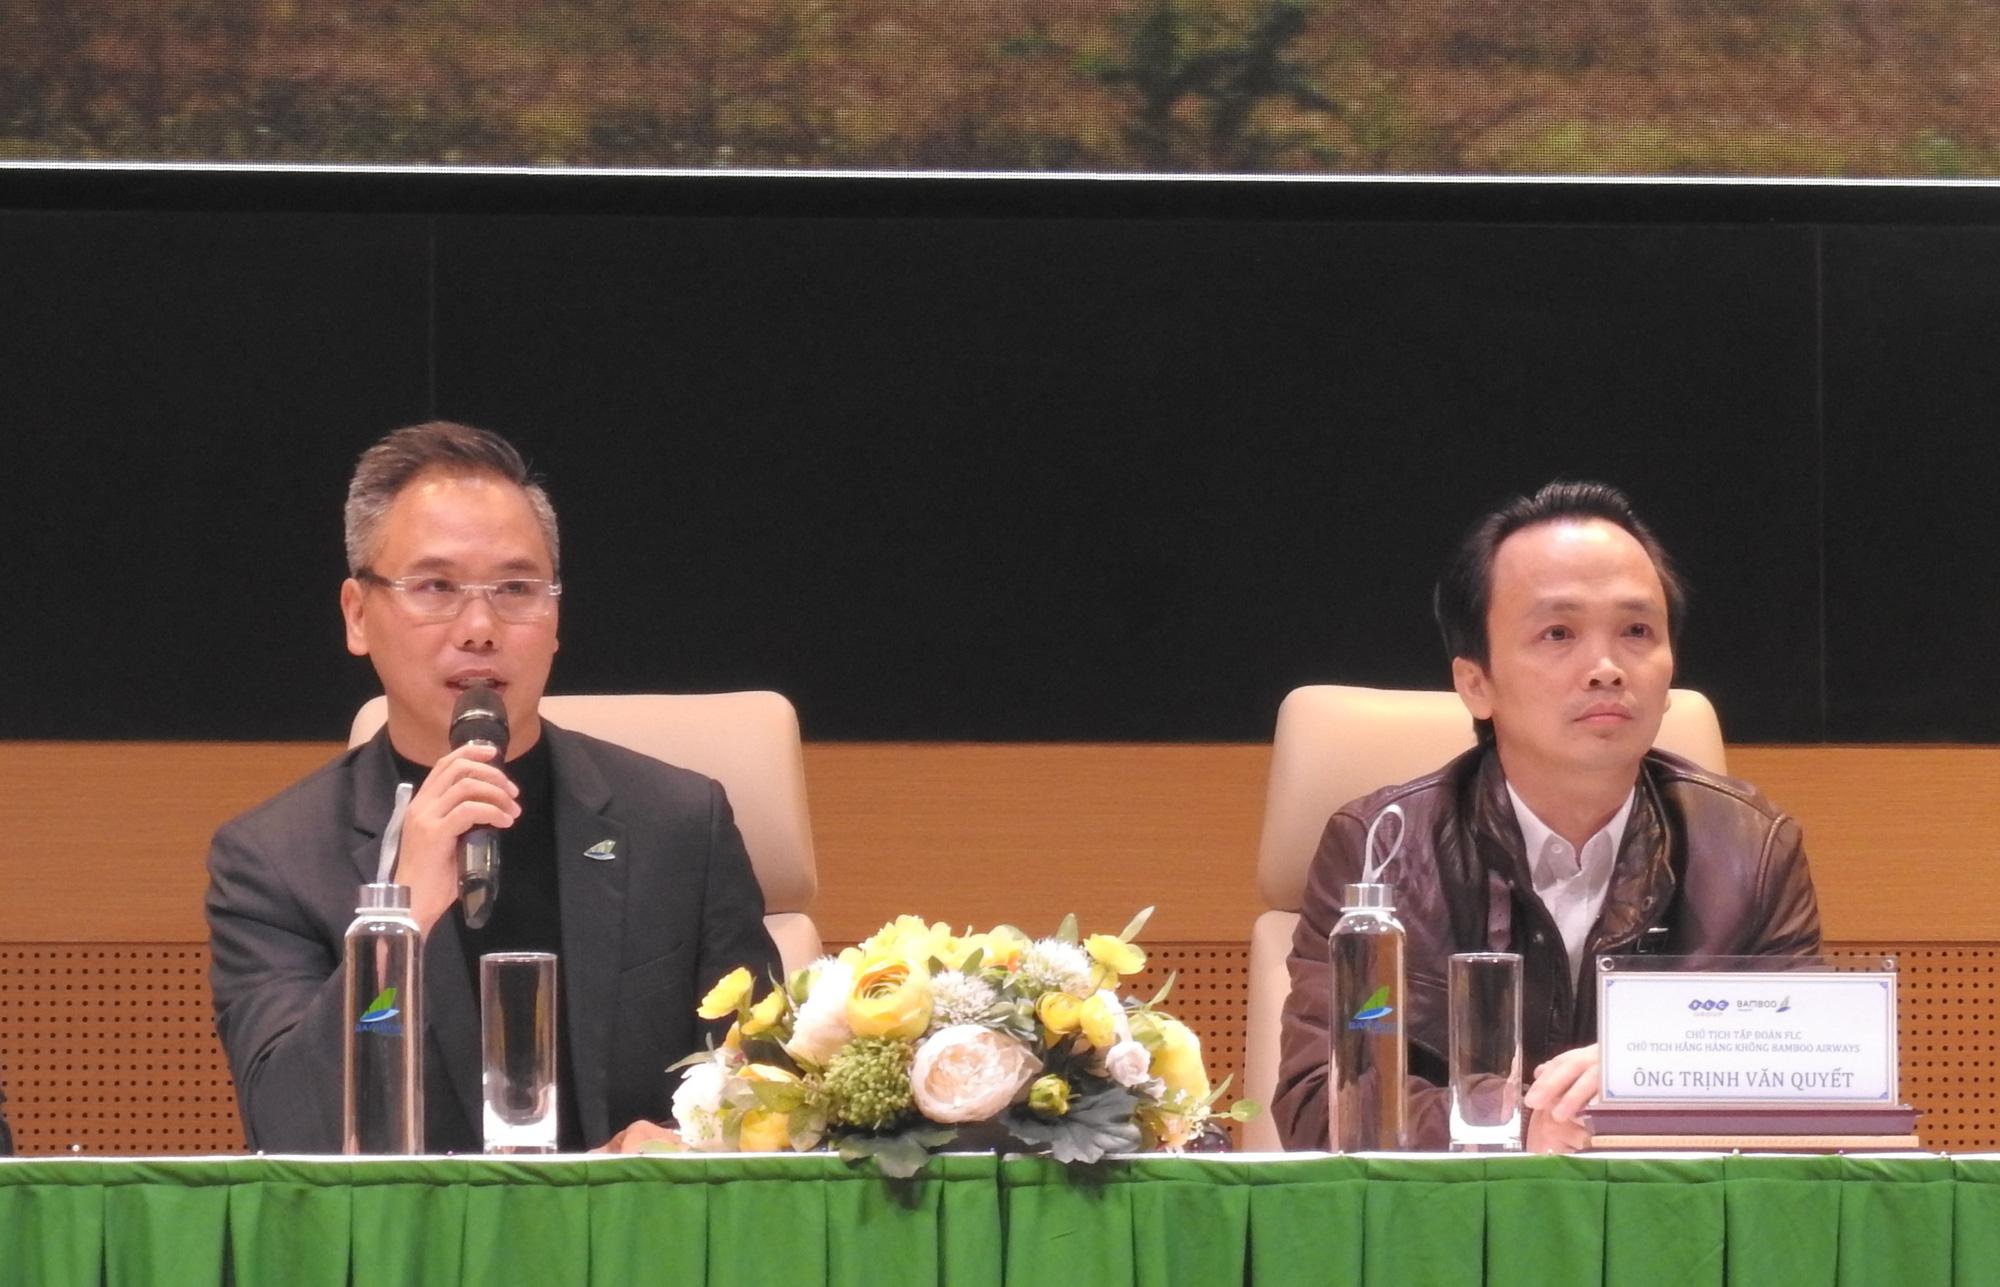 Bamboo Airways nâng định giá từ 2,7 lên 4 tỷ USD trong chưa đầy một tháng, cũng muốn IPO ở Mỹ - Ảnh 2.